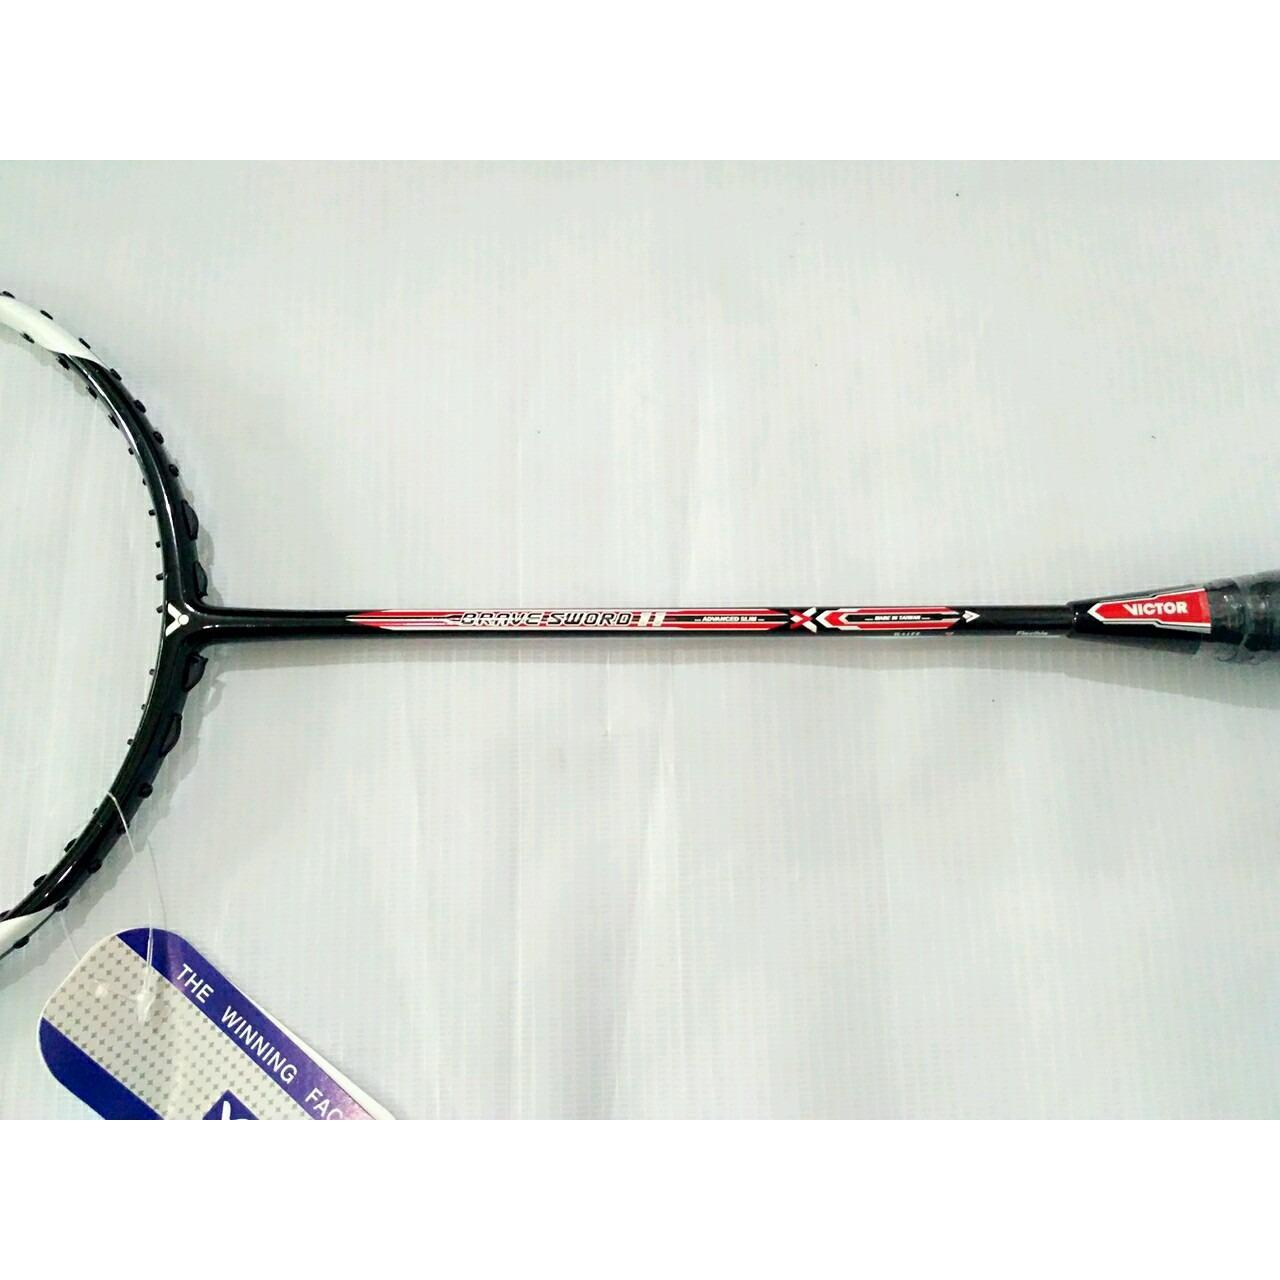 Raket Yonex Import Free Tas Grip Daftar Harga Terlengkap Indonesia Badminton Victor Thruster K Onigiri Orange Senar Dan Brave Sword 11 3